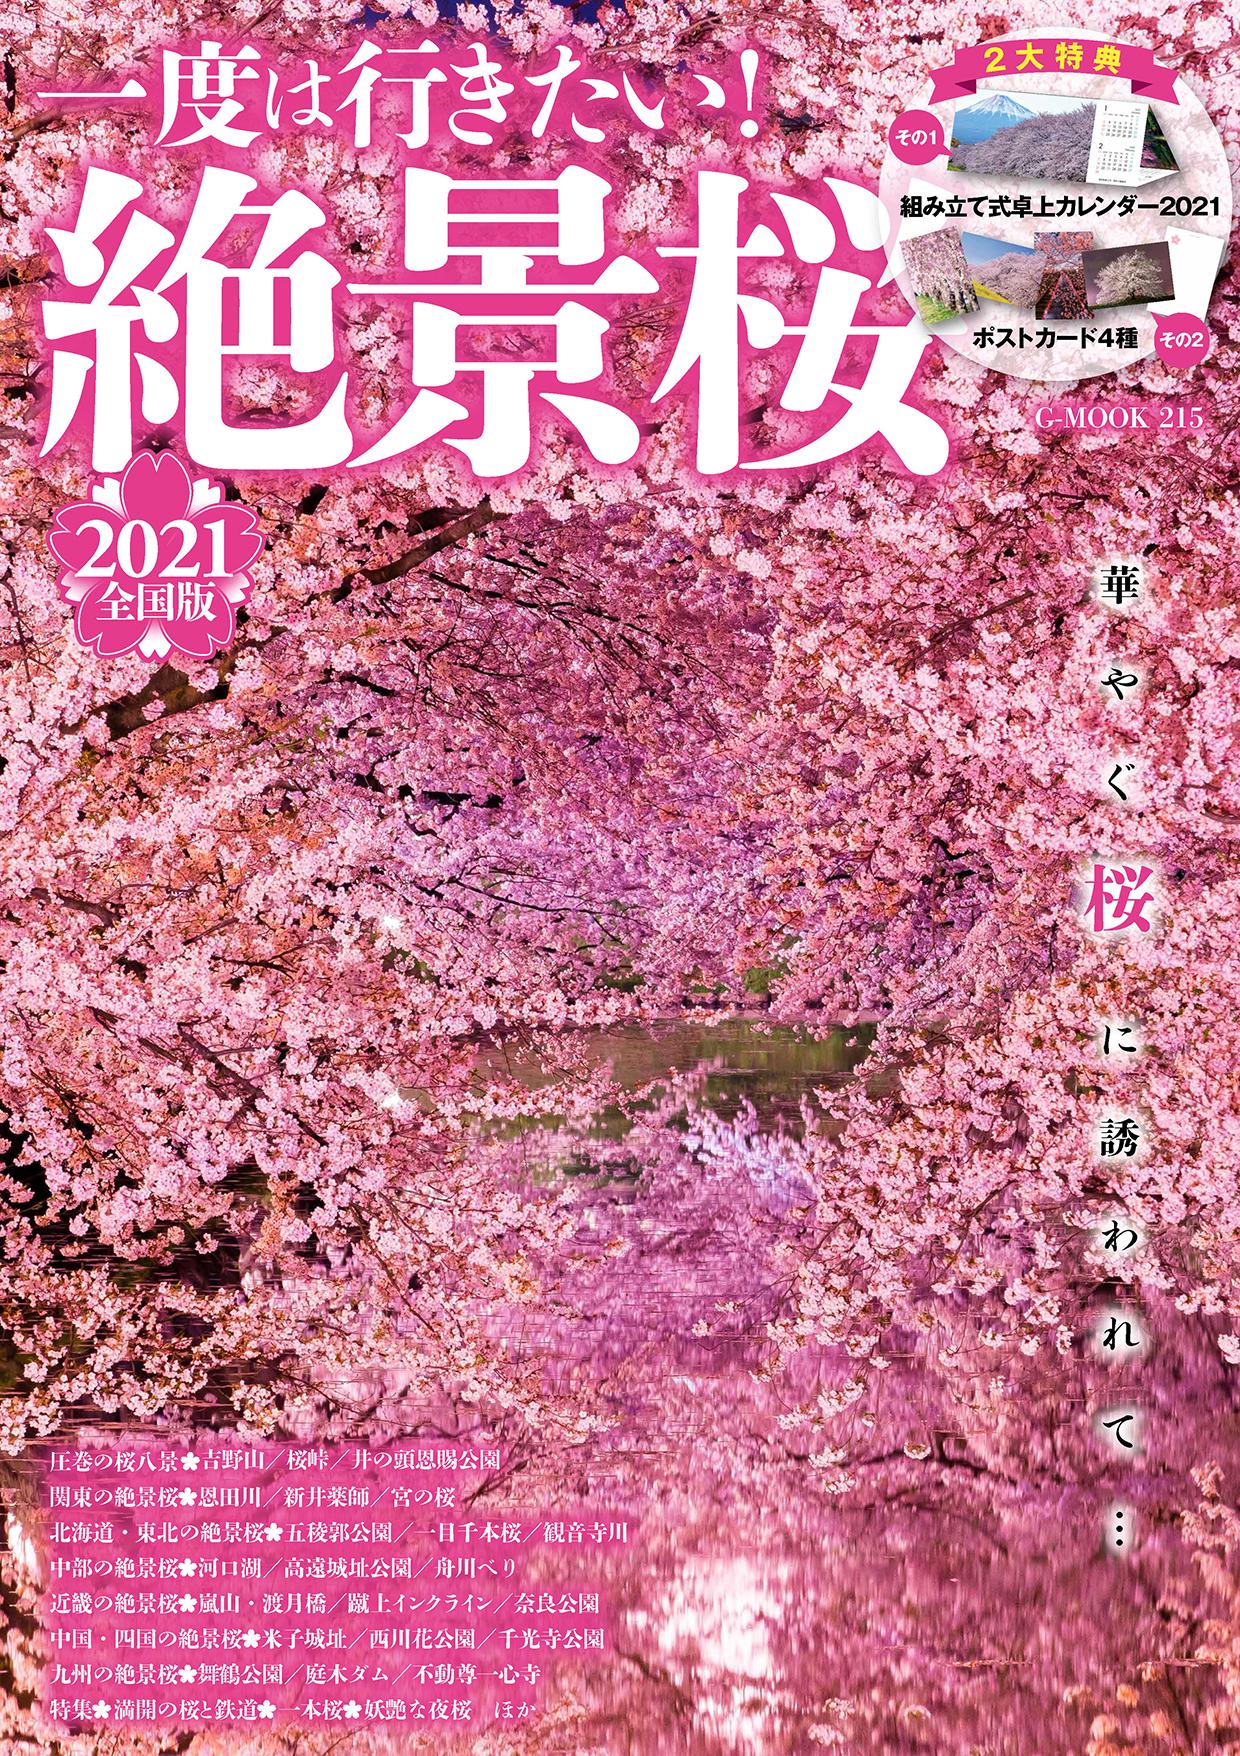 一度は行きたい!絶景桜2021全国版